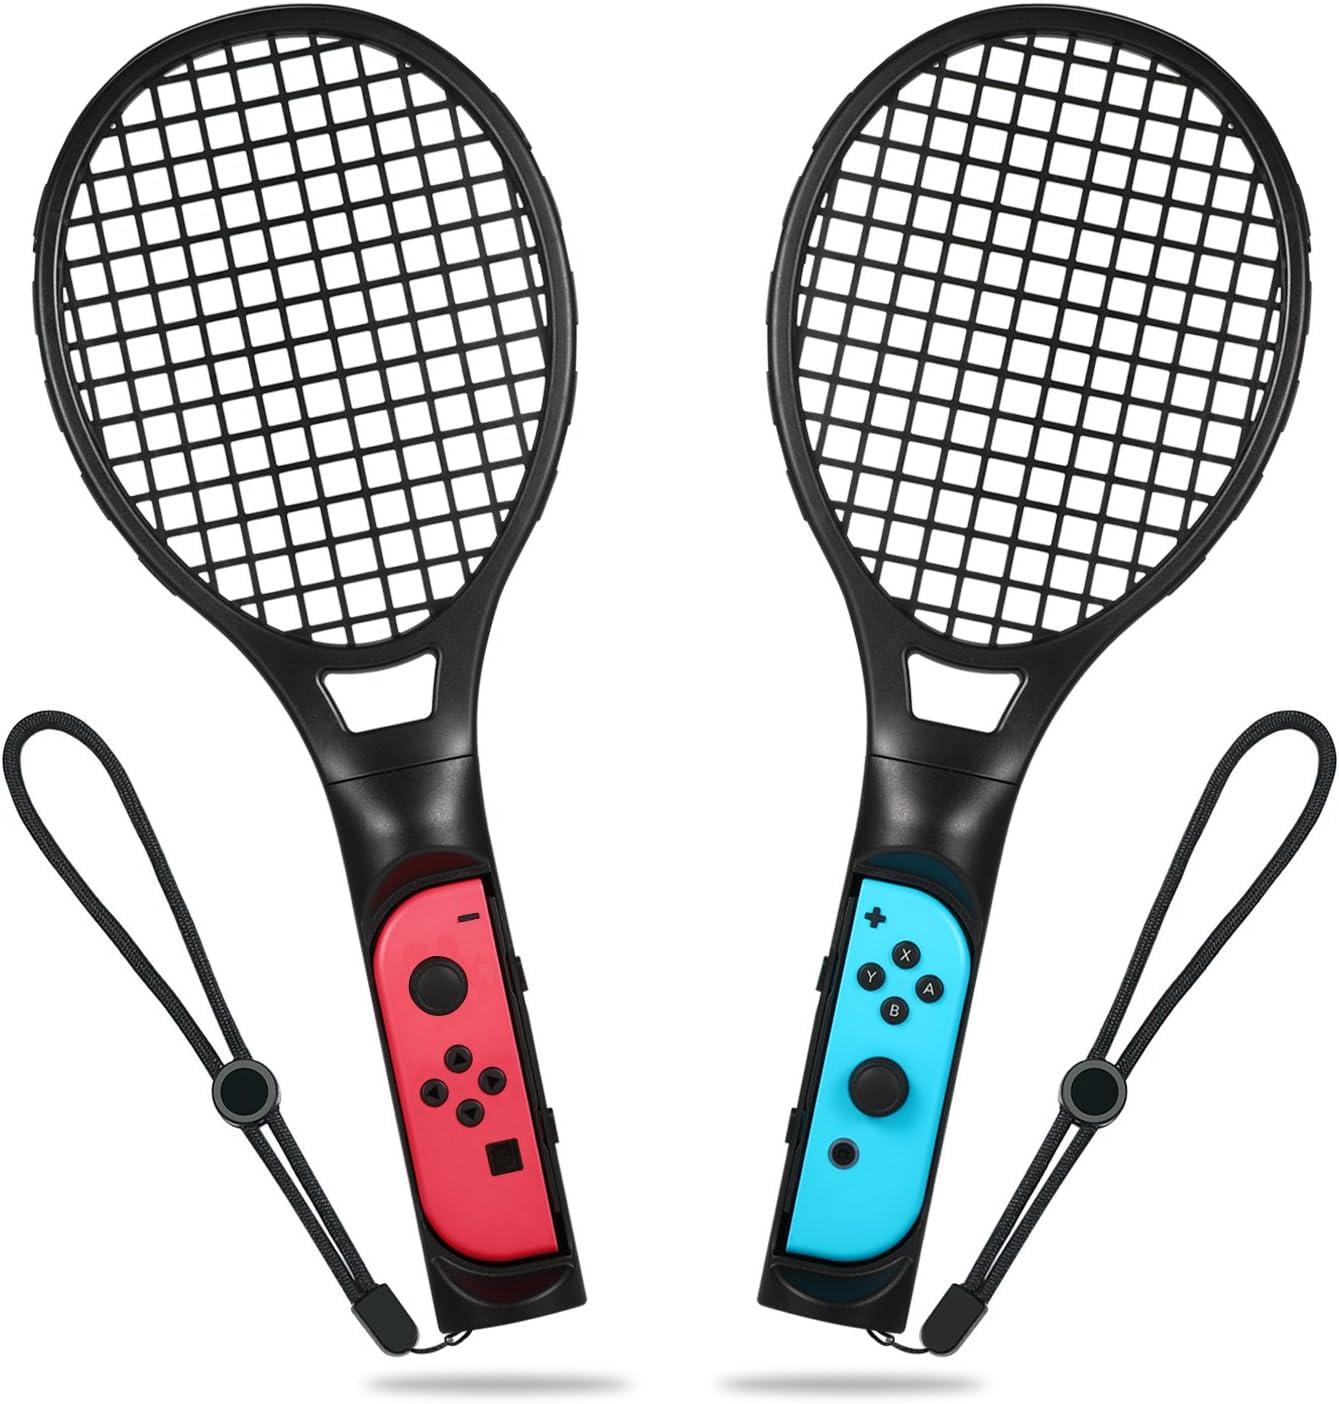 Raqueta de tenis para Nintendo Switch, Raqueta de tenis Yocktec Joy-Con Kit de accesorios para juegos de Nintendo Switch Mario Tennis Aces-Negro (Paquete de 2): Amazon.es: Videojuegos